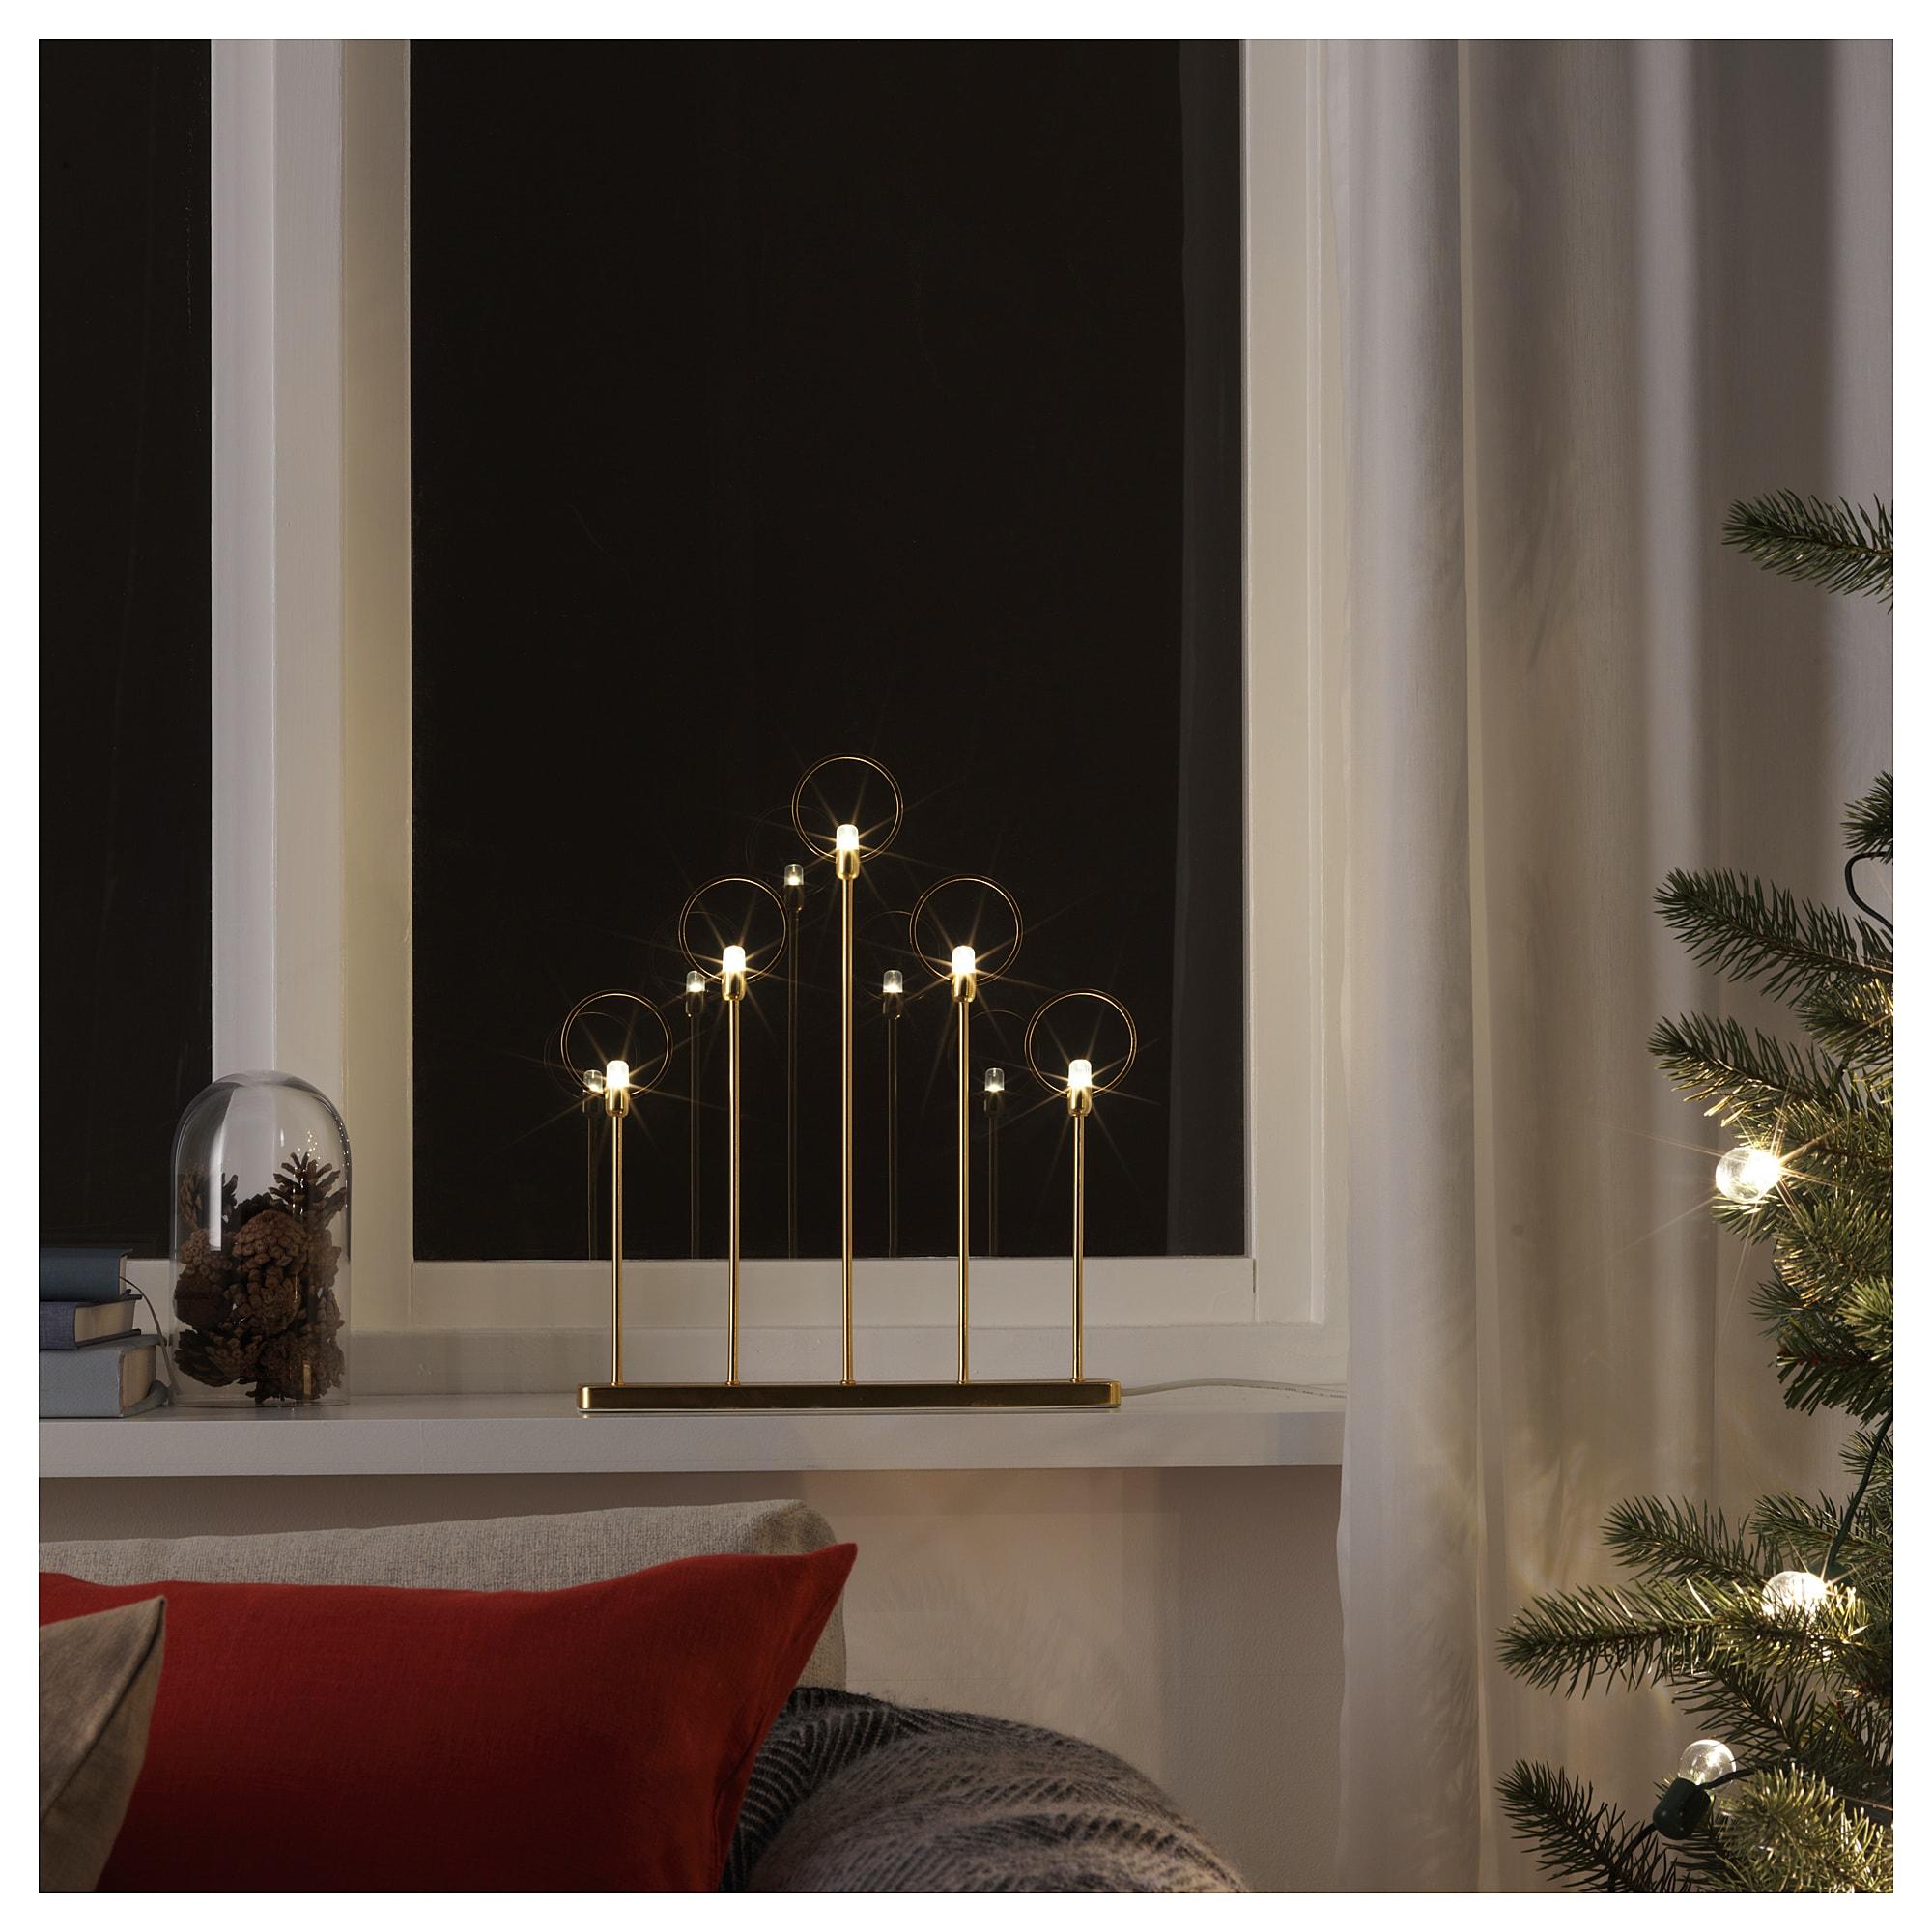 Светодиодный канделябр, 5 ламп СТРОЛА желтая медь артикуль № 904.067.41 в наличии. Онлайн каталог IKEA Минск. Быстрая доставка и монтаж.